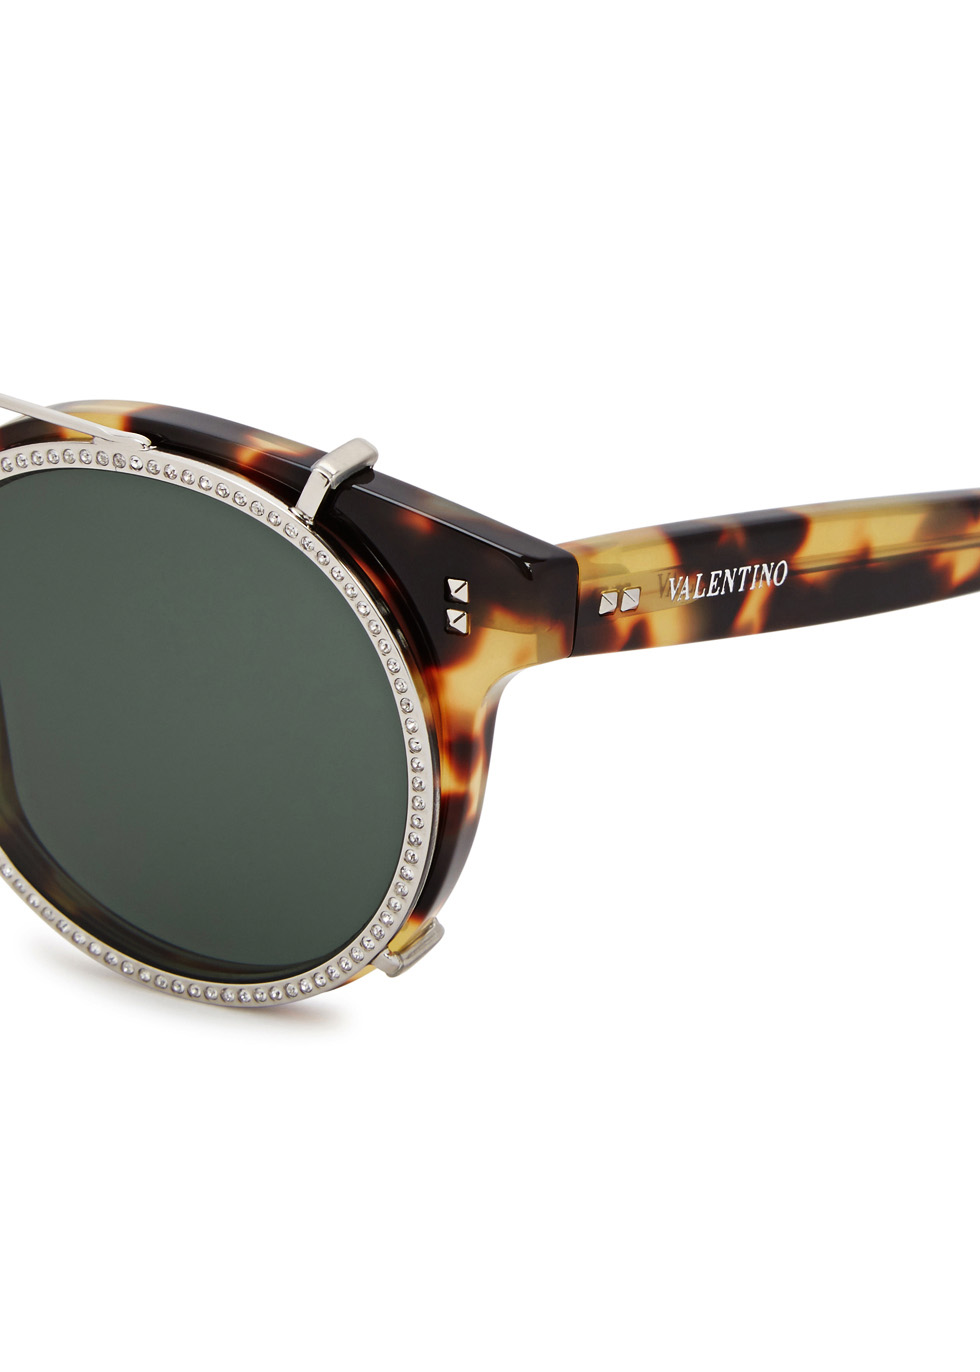 Rockstud Rivet tortoiseshell round-frame sunglasses - Valentino Garavani